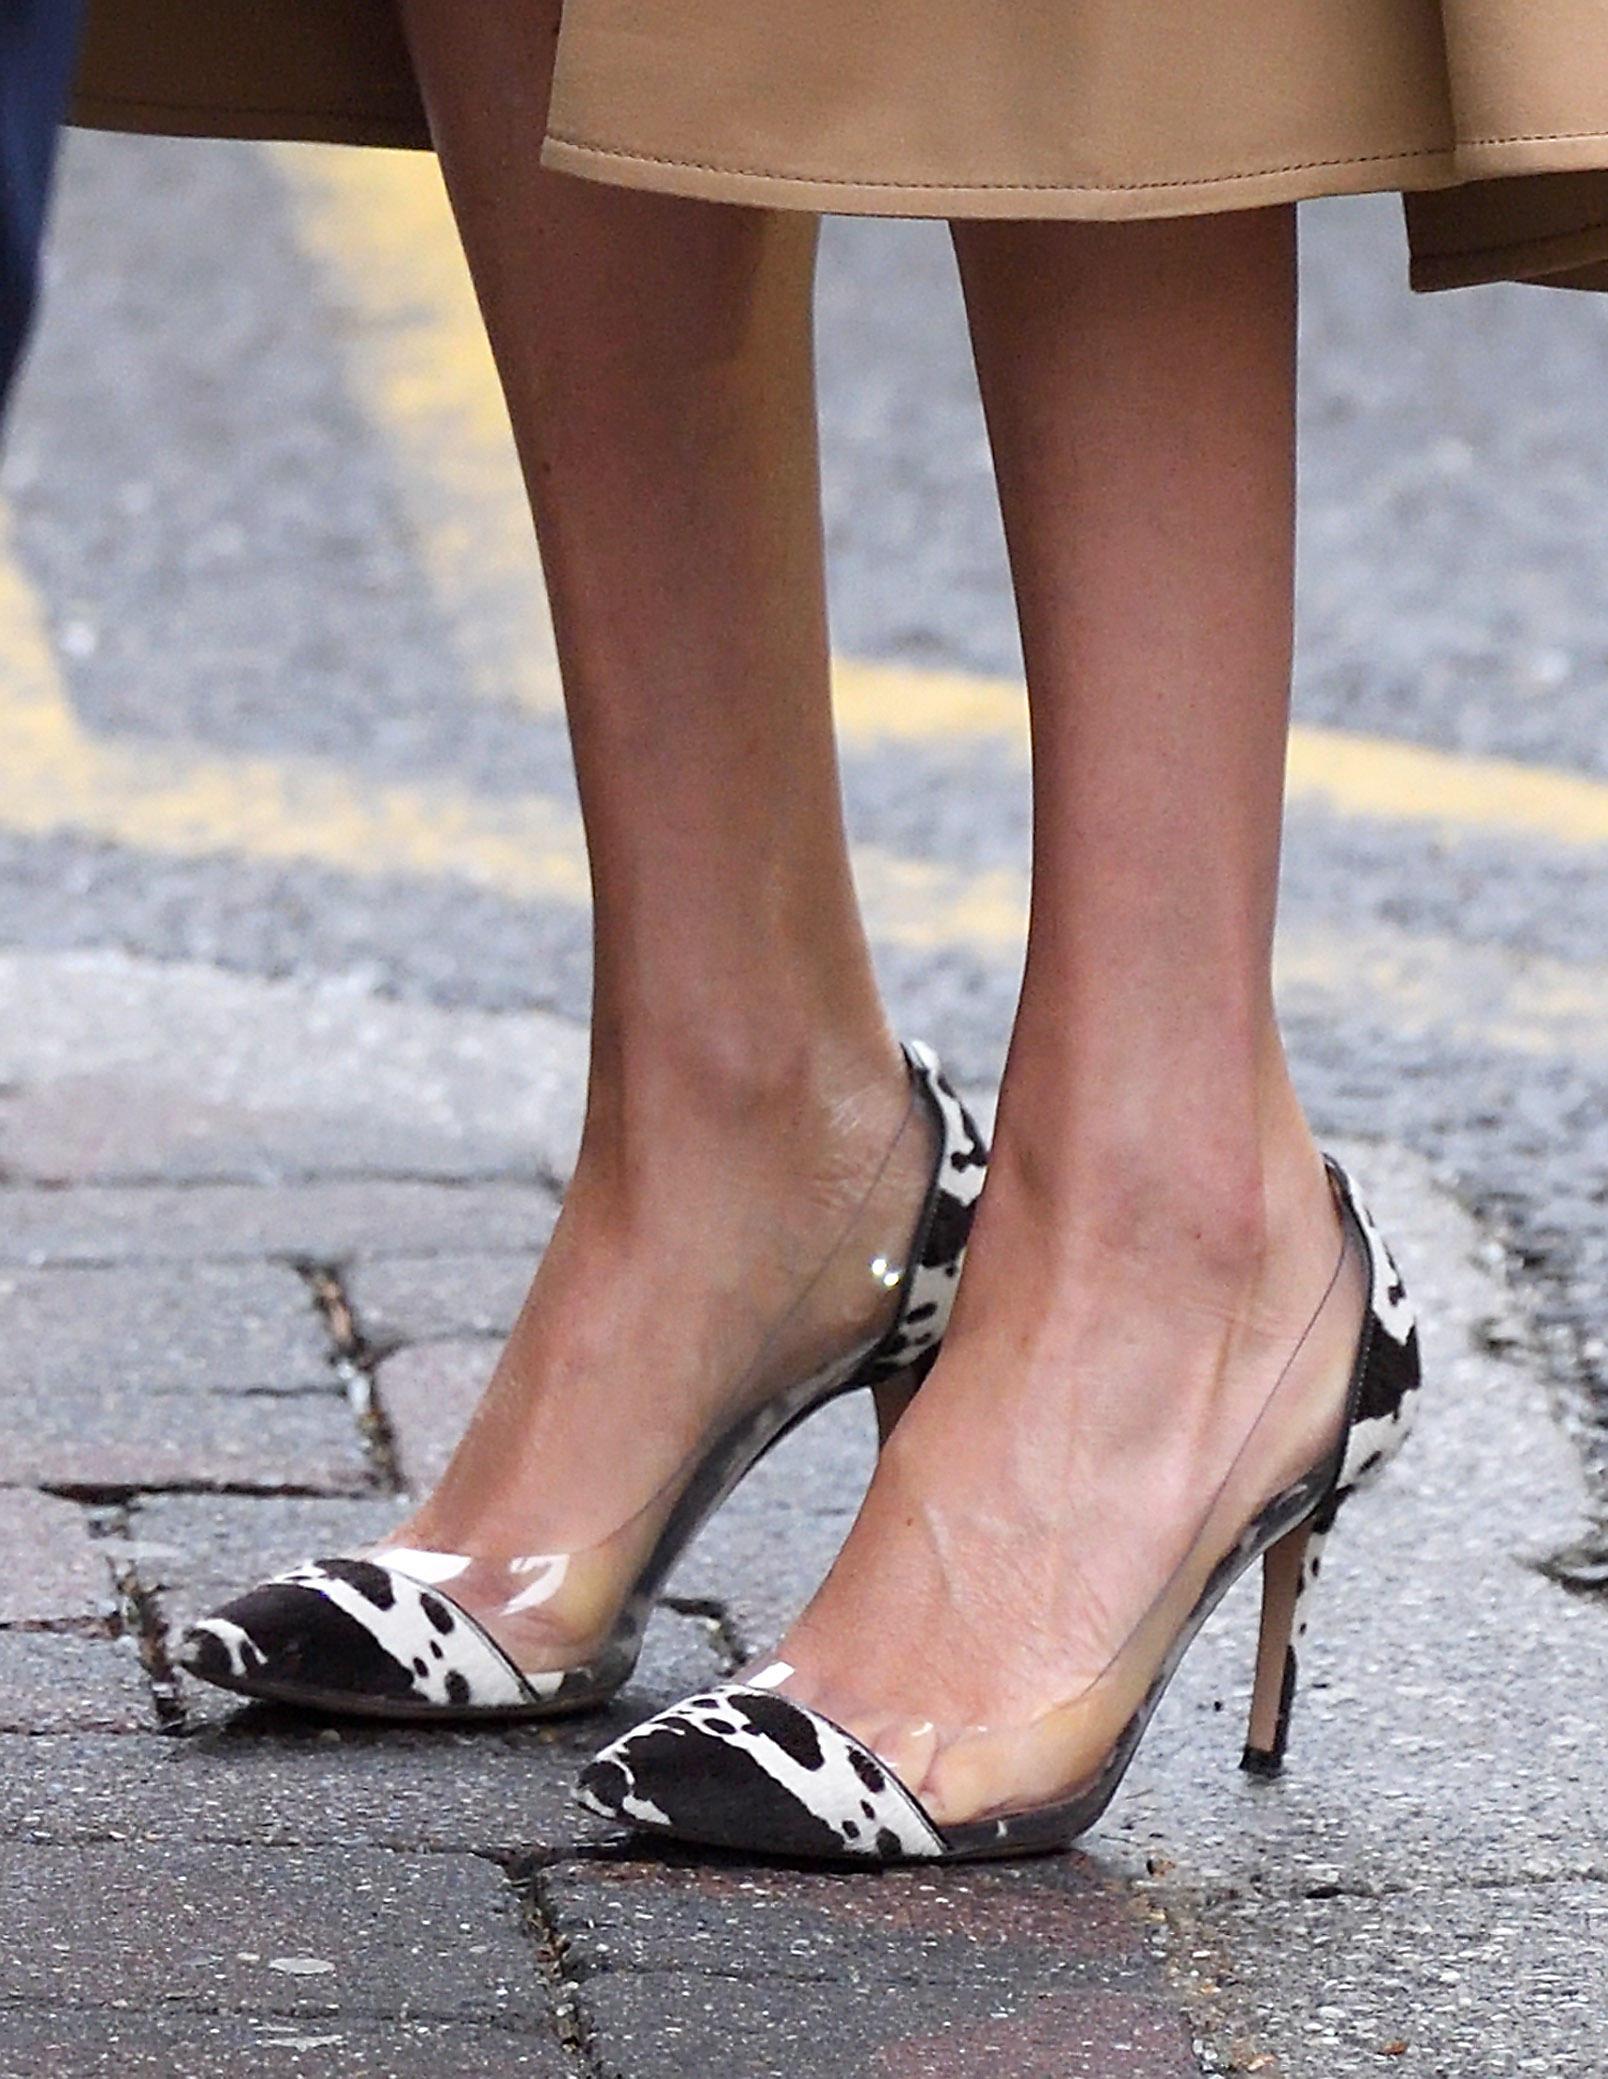 Herzogin Meghan wählt für einen Auftritt extravagante Schuhe, die alle Blicke auf sich ziehen.